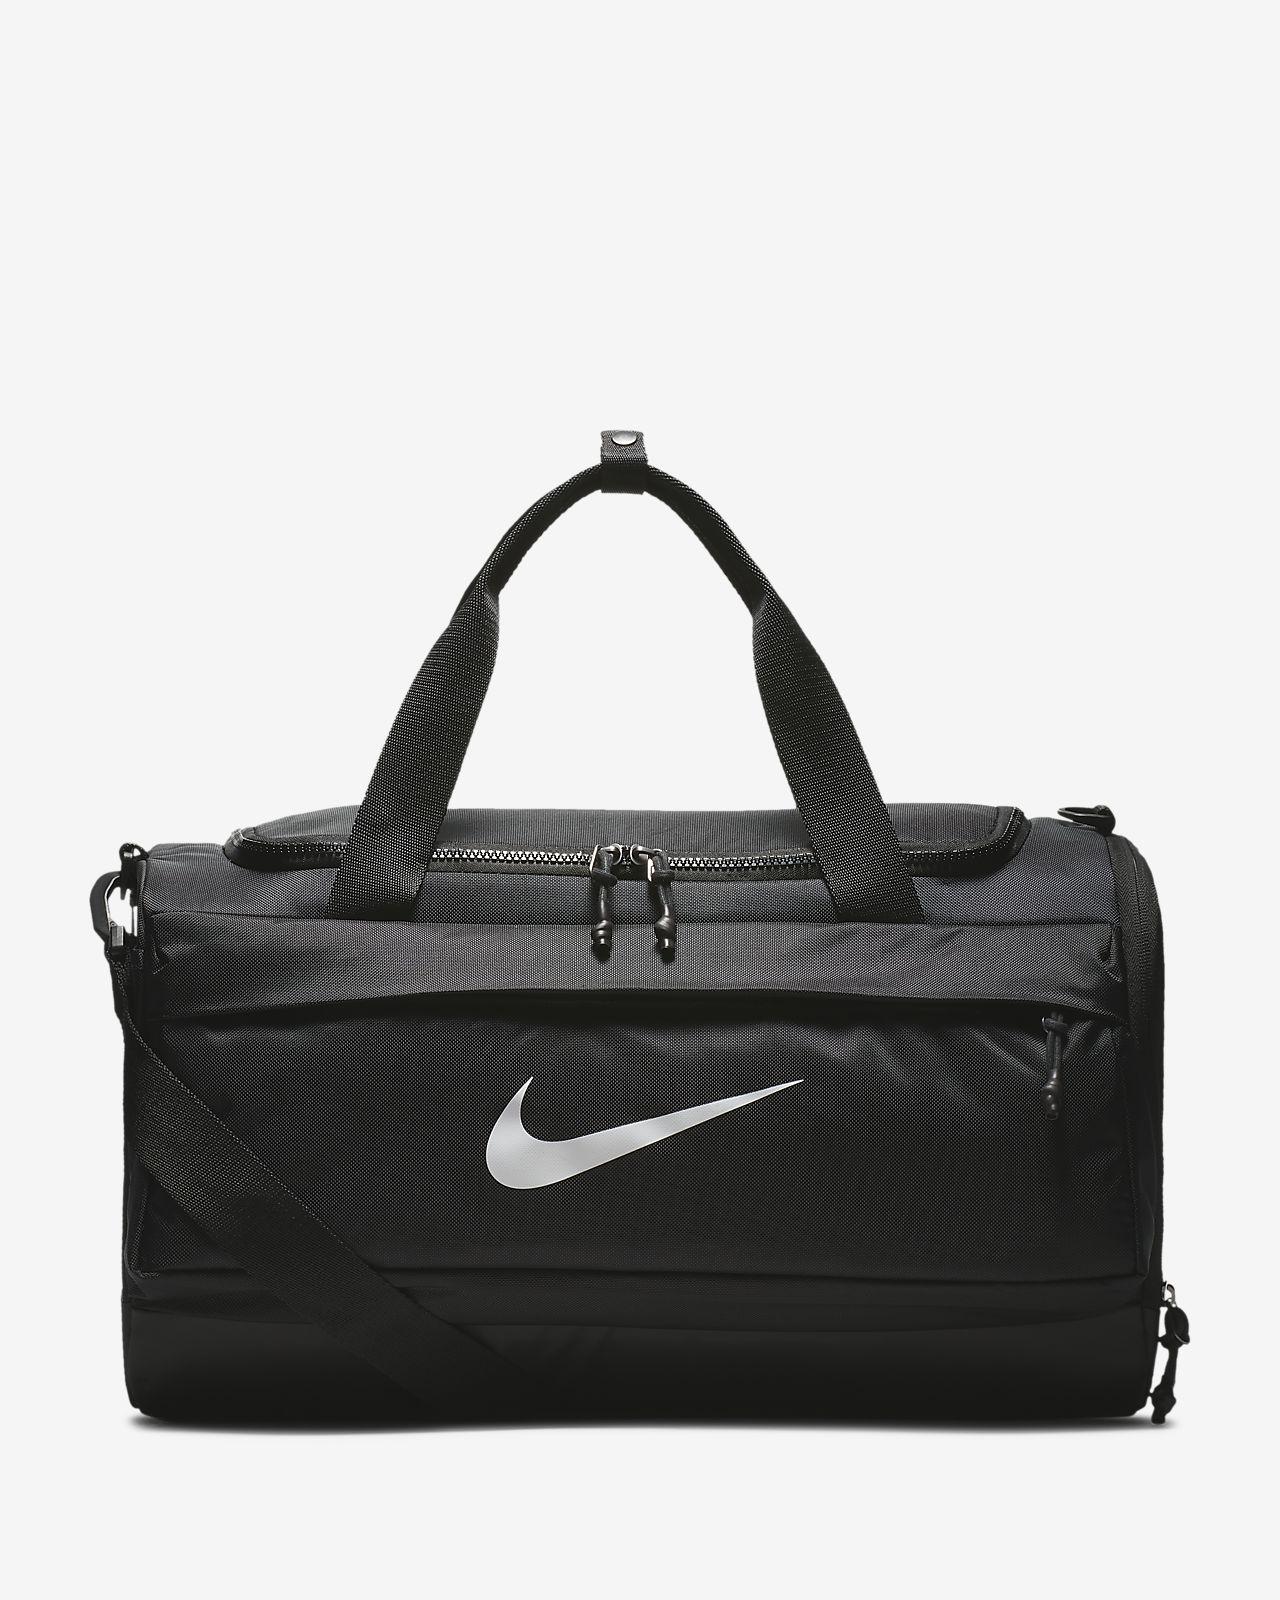 3156866b2a9c Детская сумка-дафл Nike Vapor Sprint. Nike.com RU